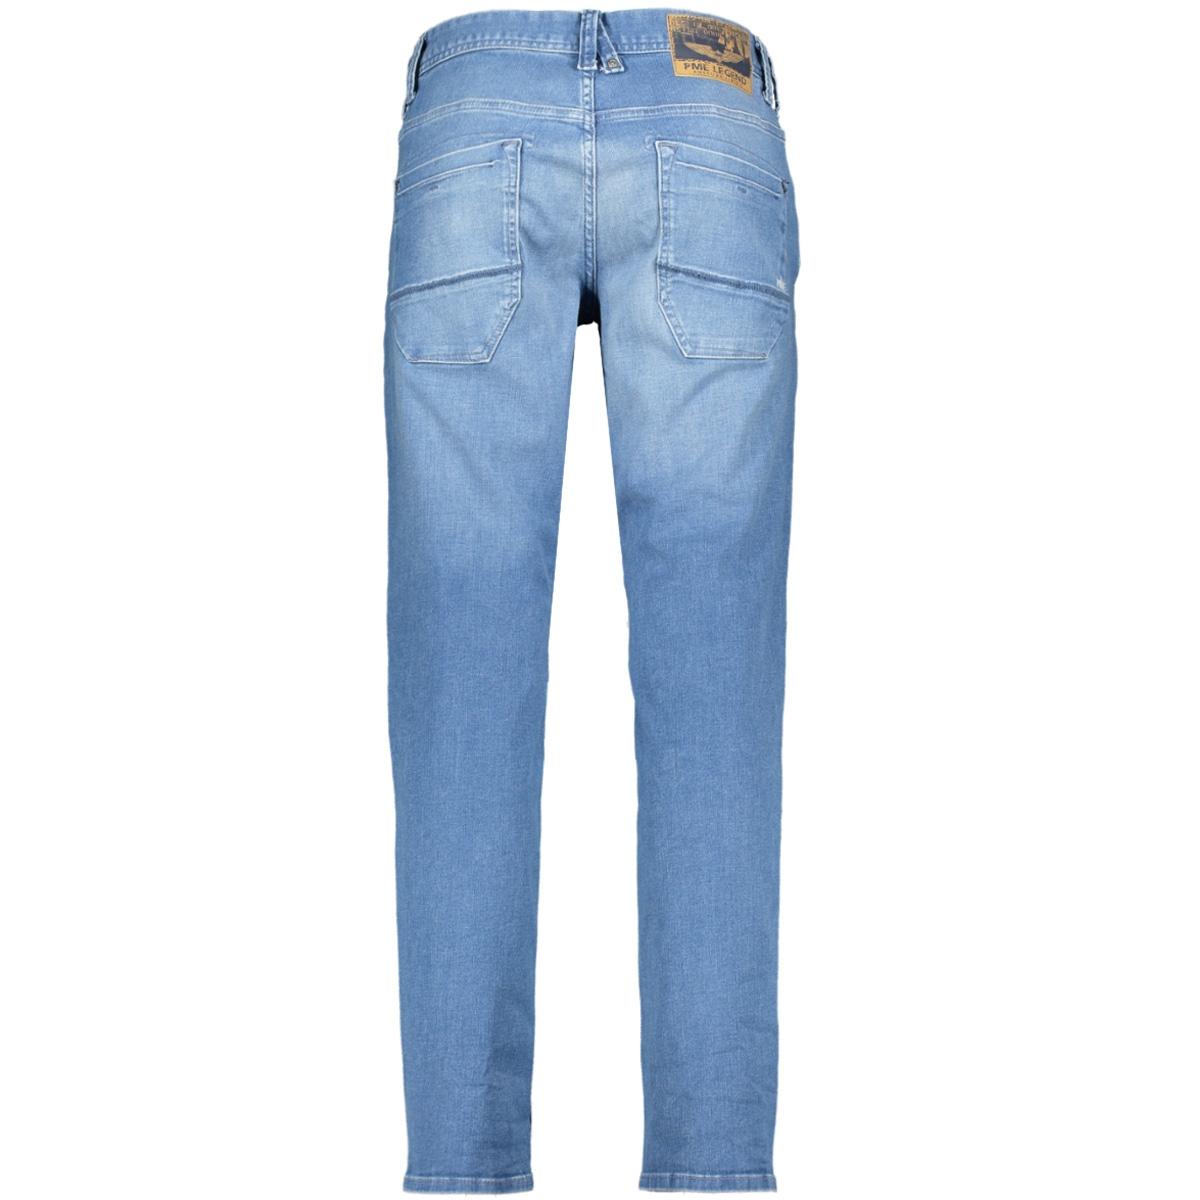 skyhawk ptr170 pme legend jeans ebs